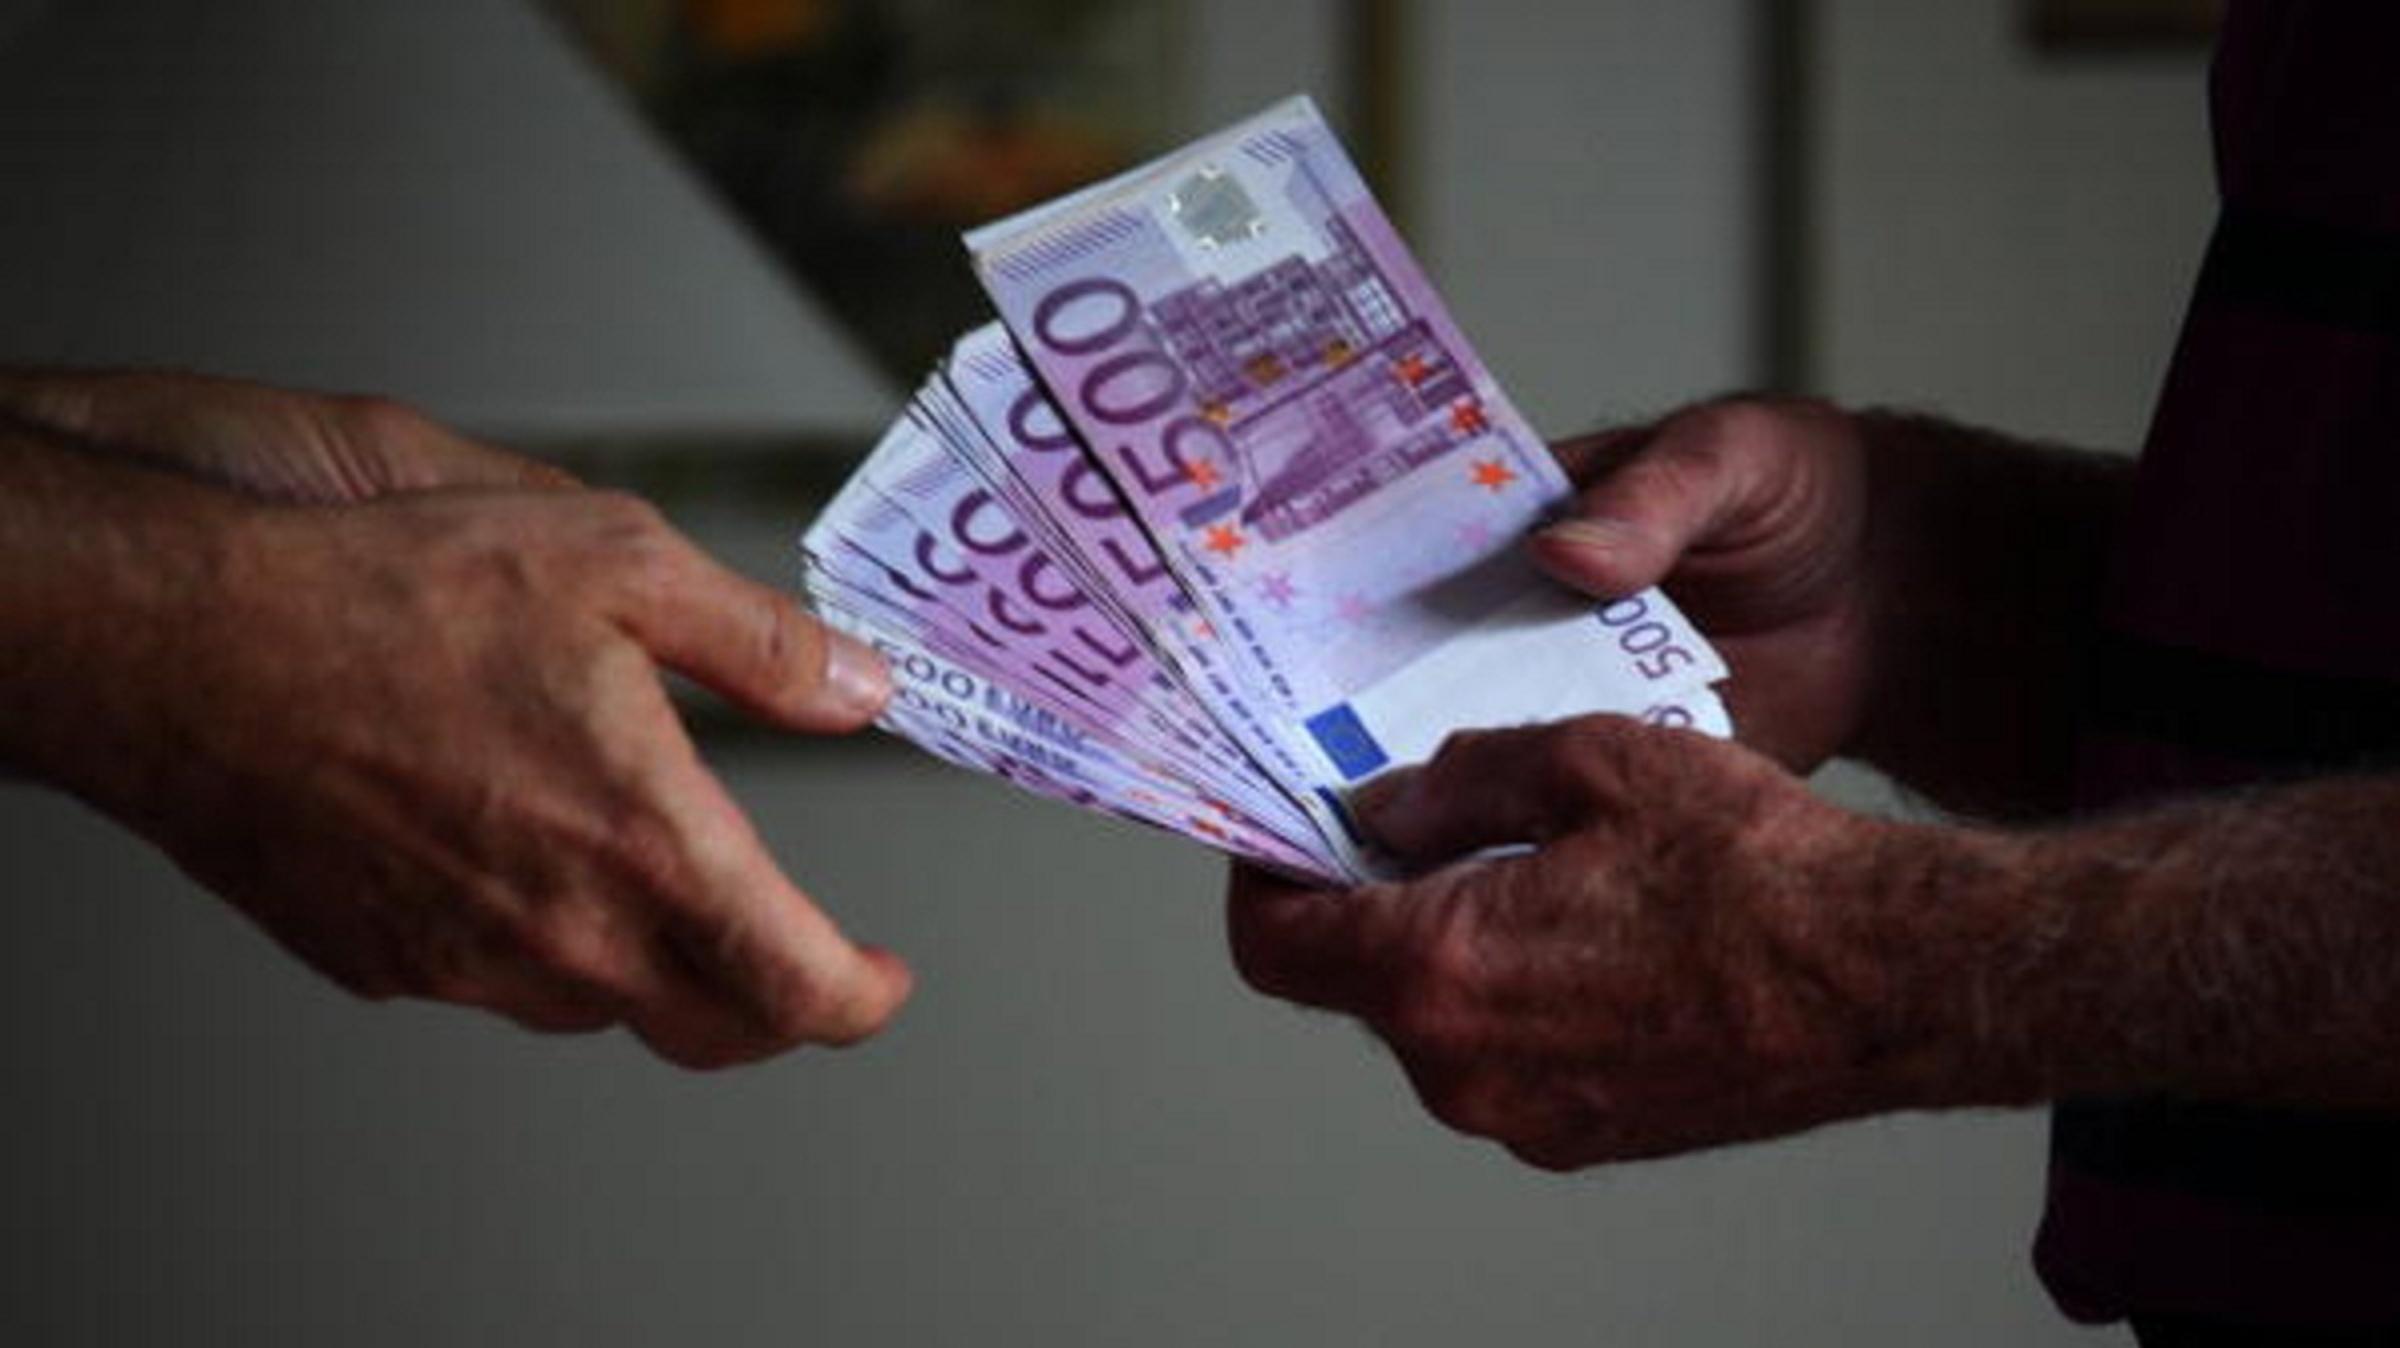 Corruzione, l'Italia scala la classifica dei Paesi virtuosi